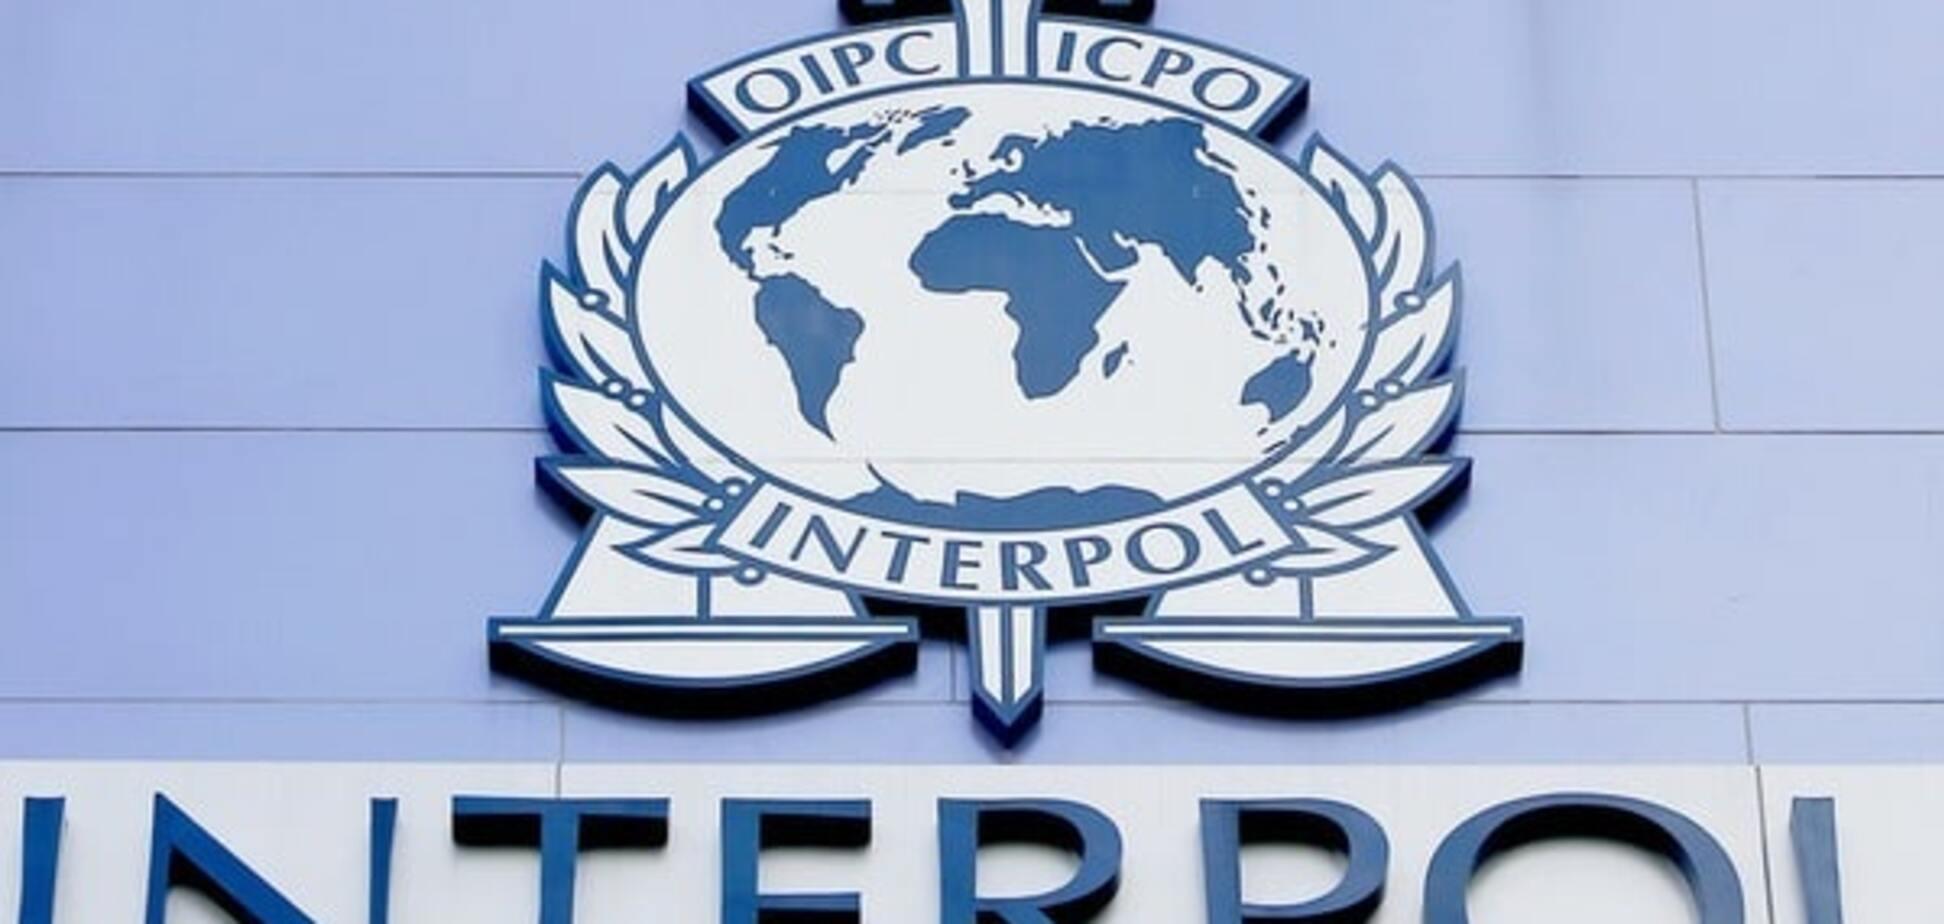 Інтерпол оголосив Ставицького і братів Клюєвих в міжнародний розшук - Аваков